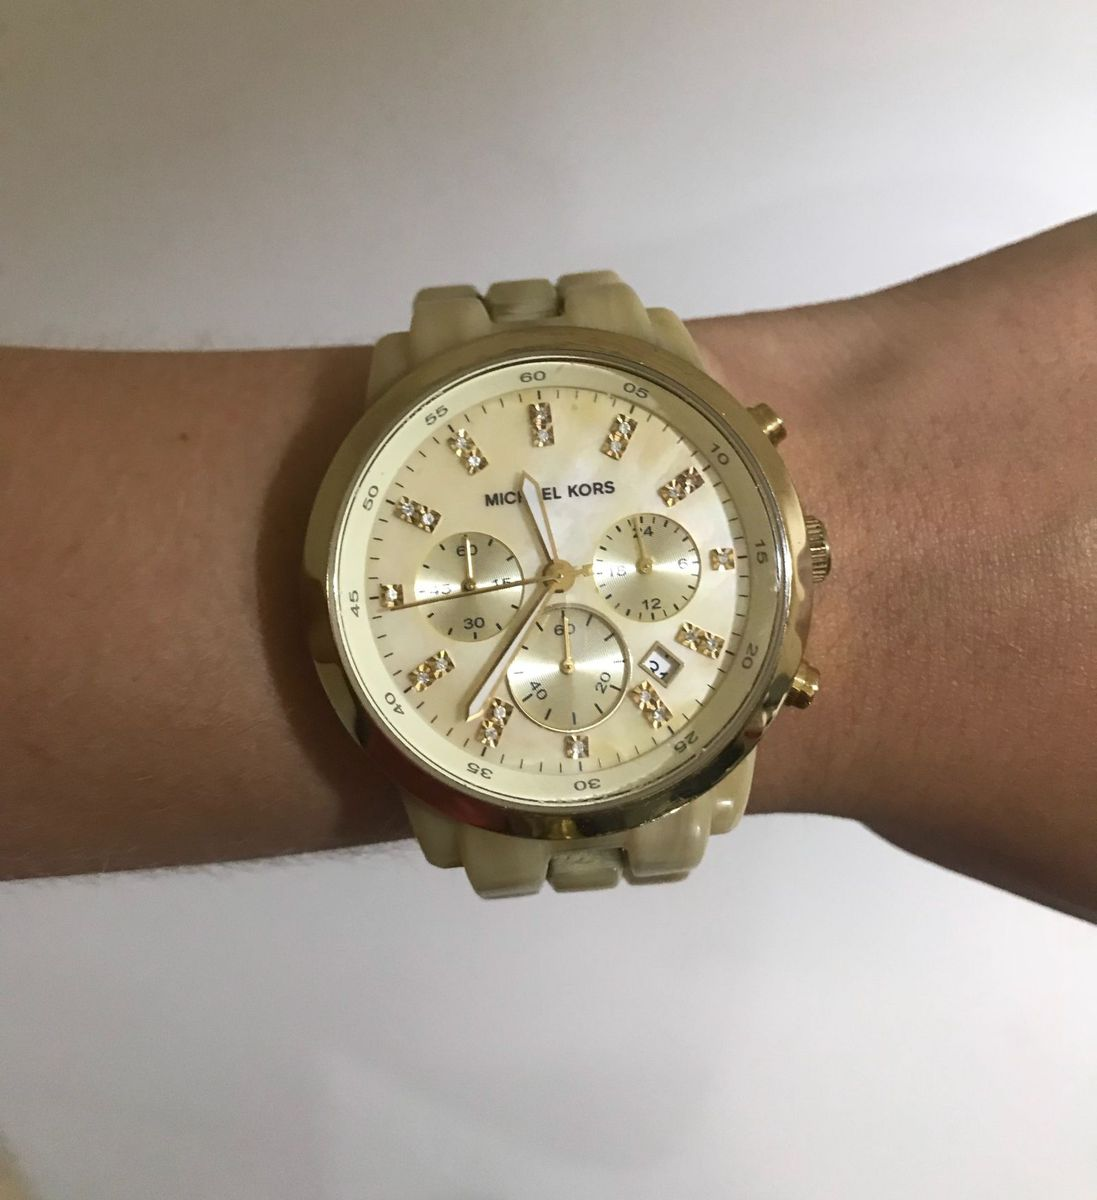 1b8681472e214 relógio michael kors mk5217 madrepérola dourado oversided - relógios michael -kors